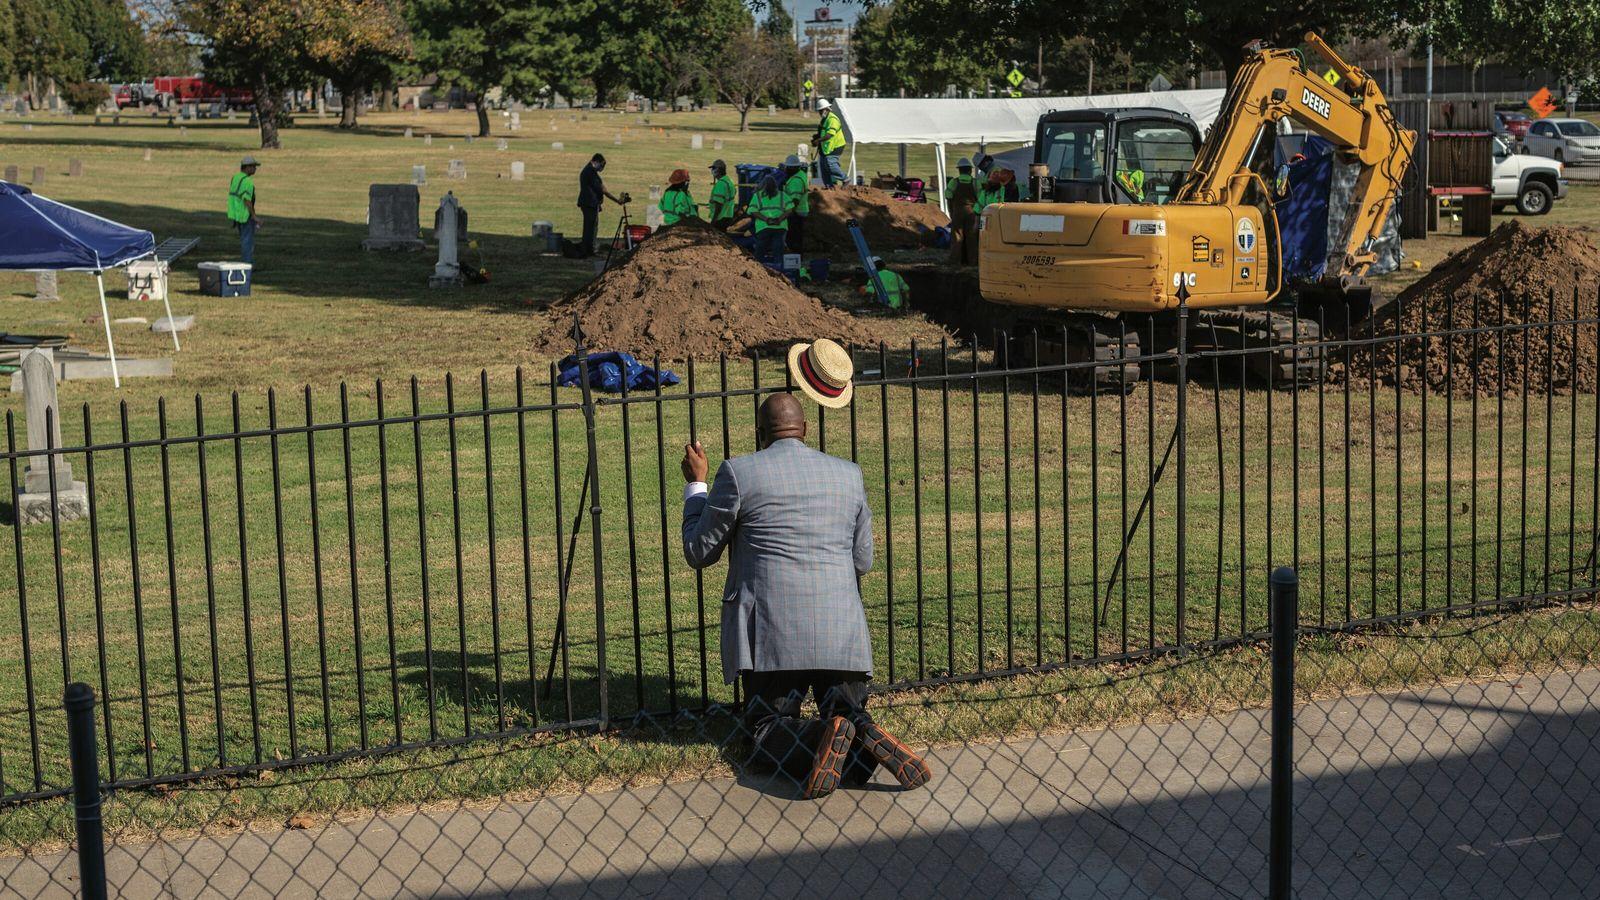 Le pasteur Robert Turner prie devant le cimetière Oaklawn, à Tulsa, où une fosse commune a ...